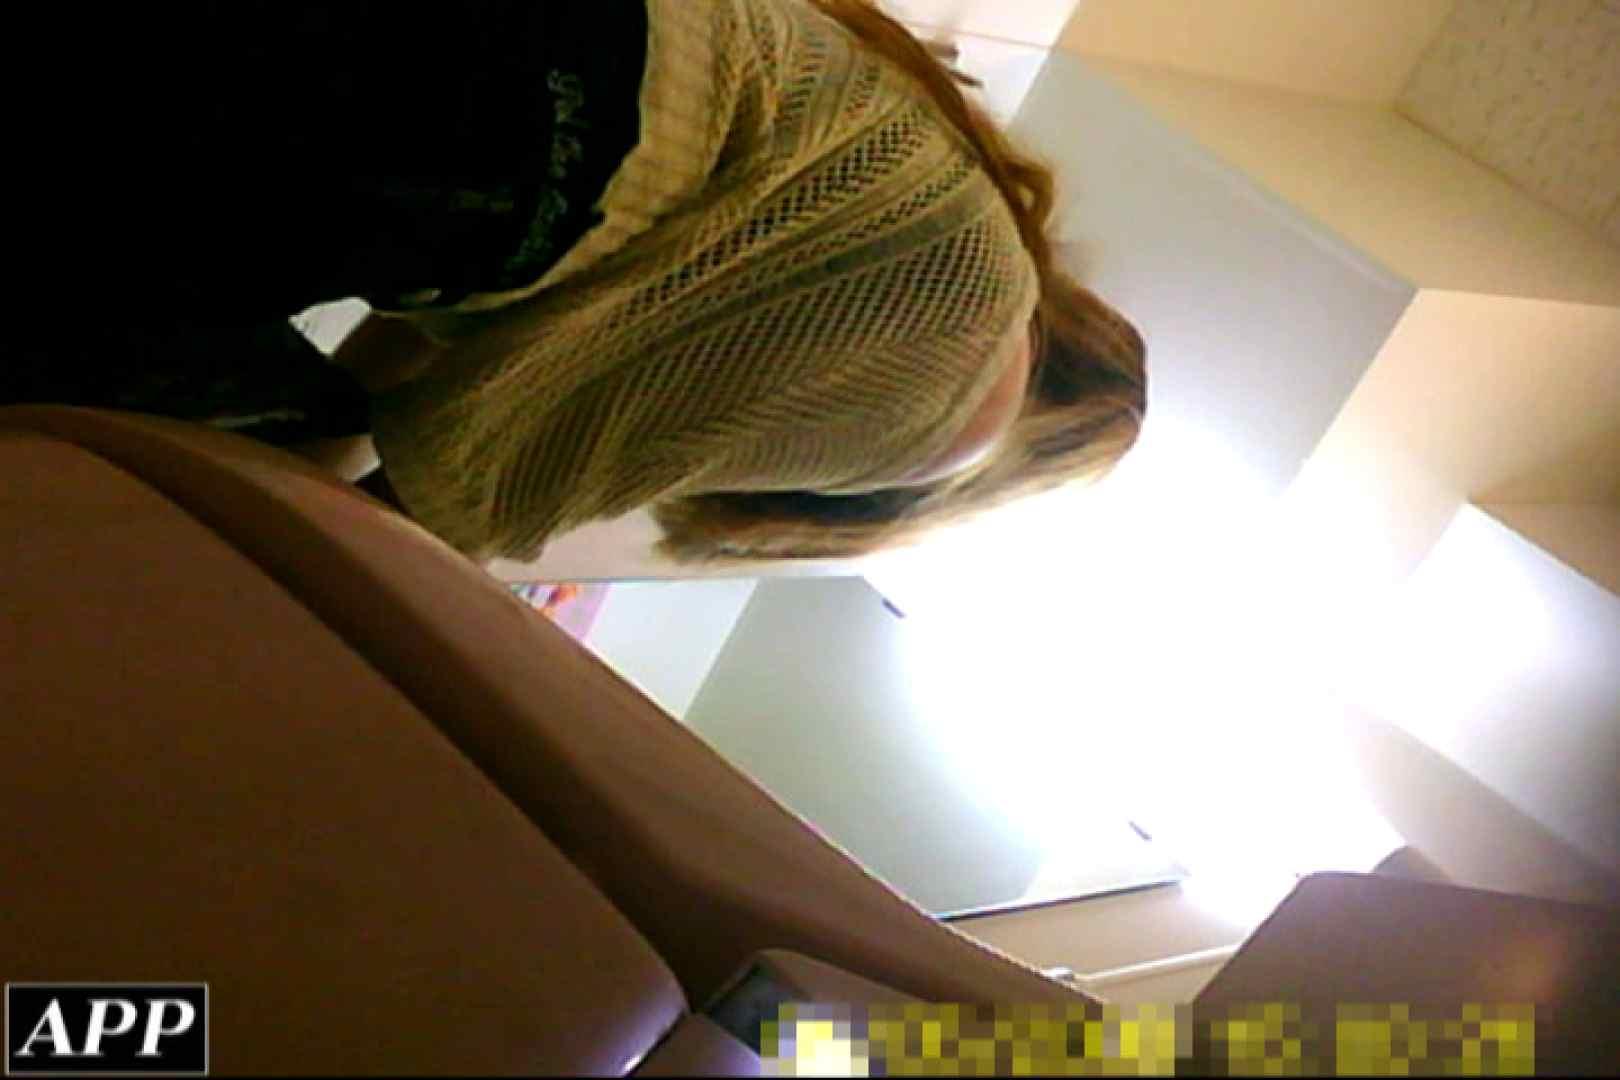 3視点洗面所 vol.117 丸見え オメコ動画キャプチャ 86画像 86